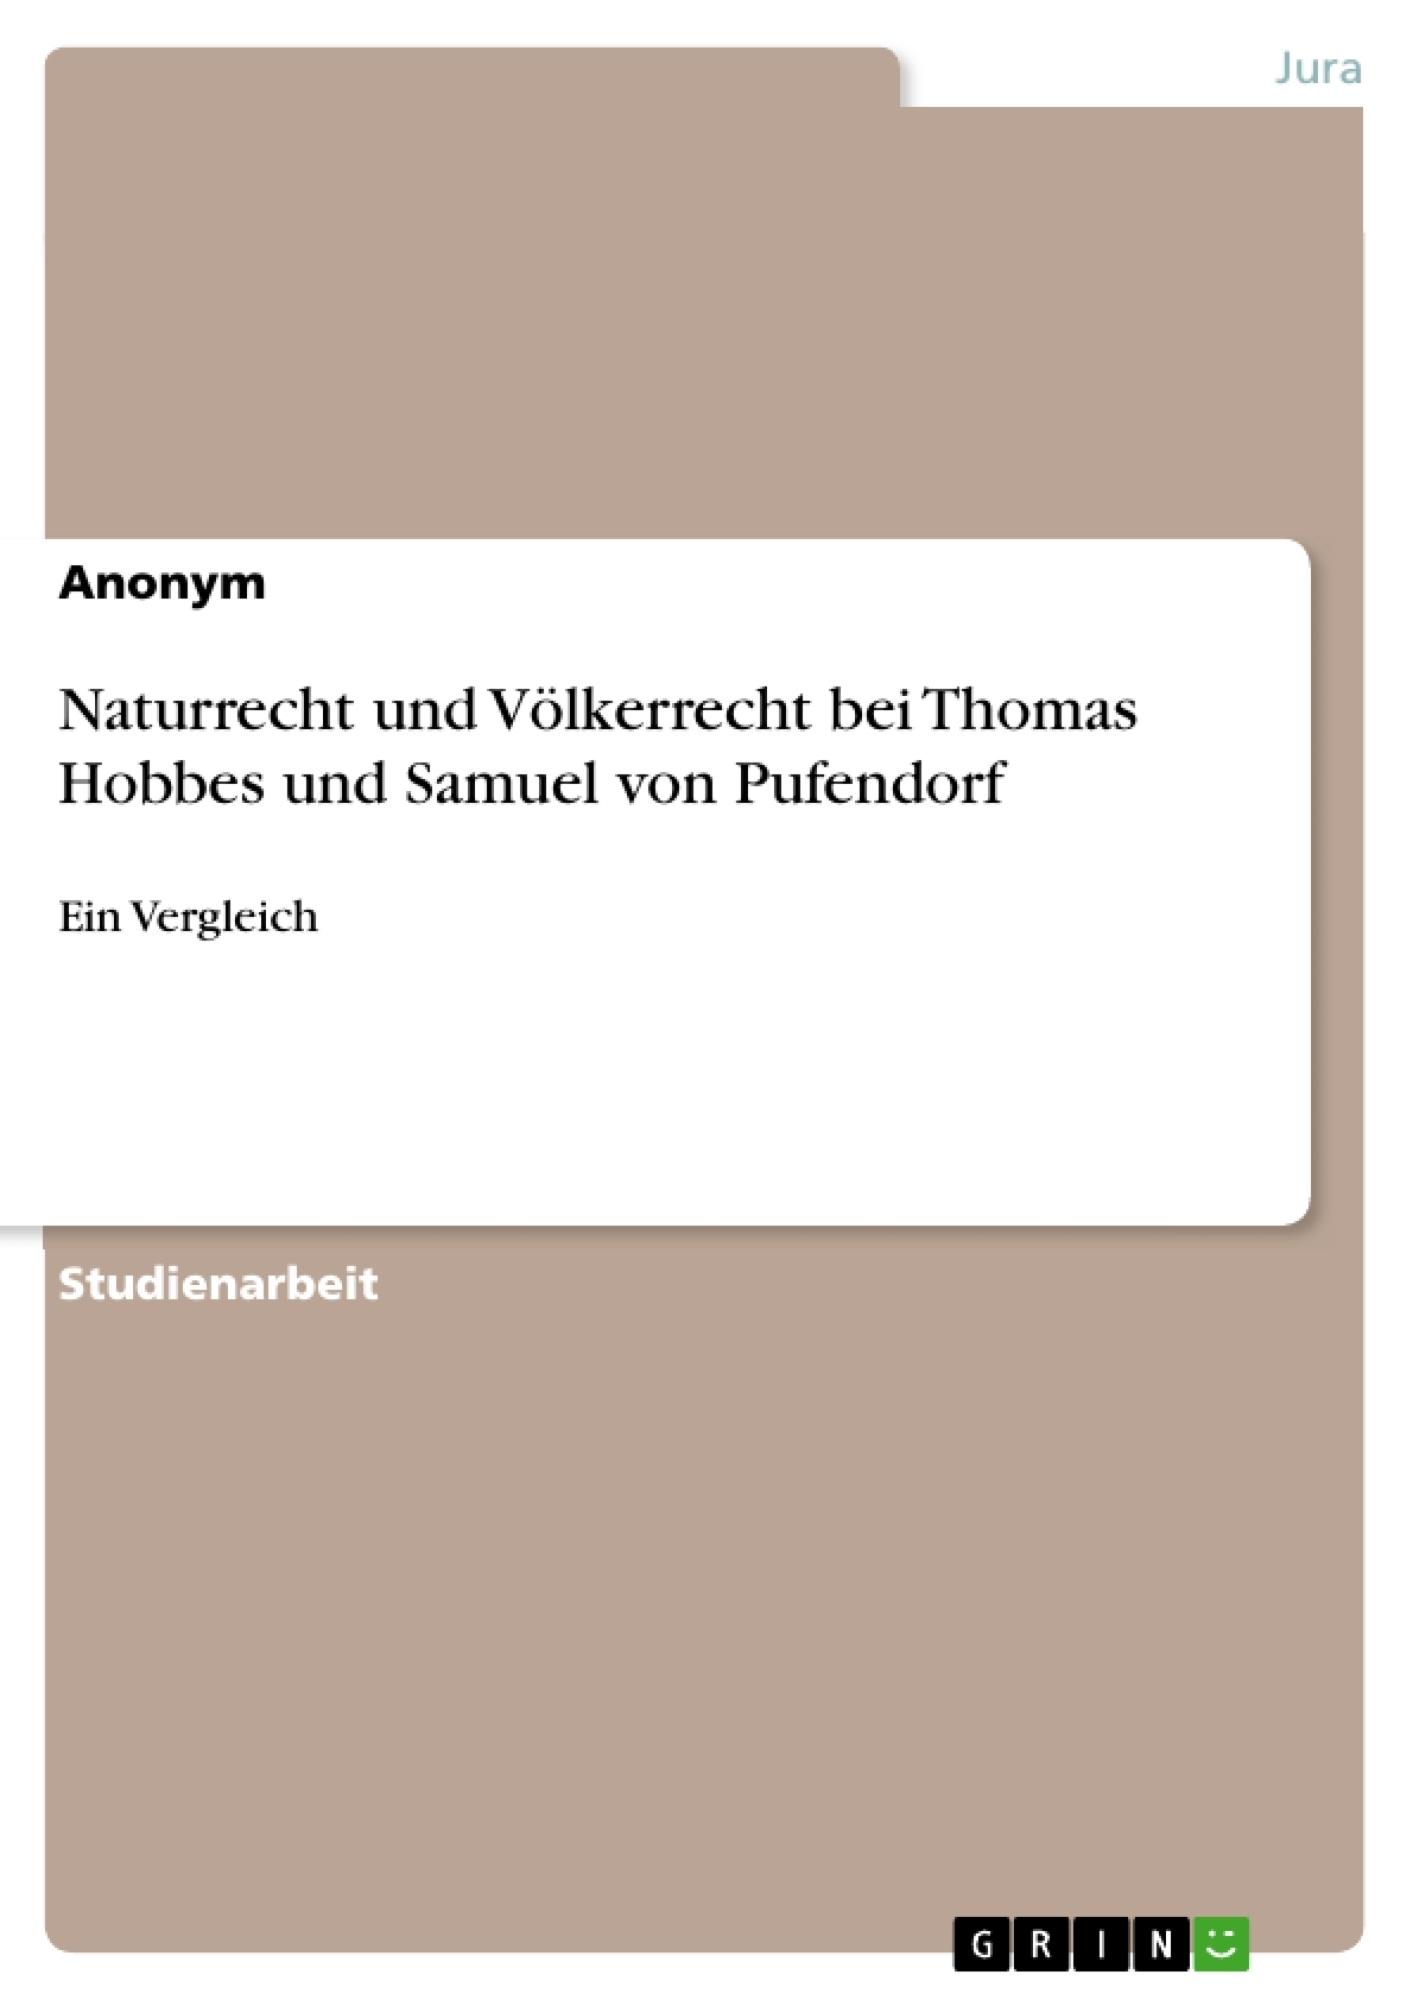 Titel: Naturrecht und Völkerrecht bei Thomas Hobbes und Samuel von Pufendorf